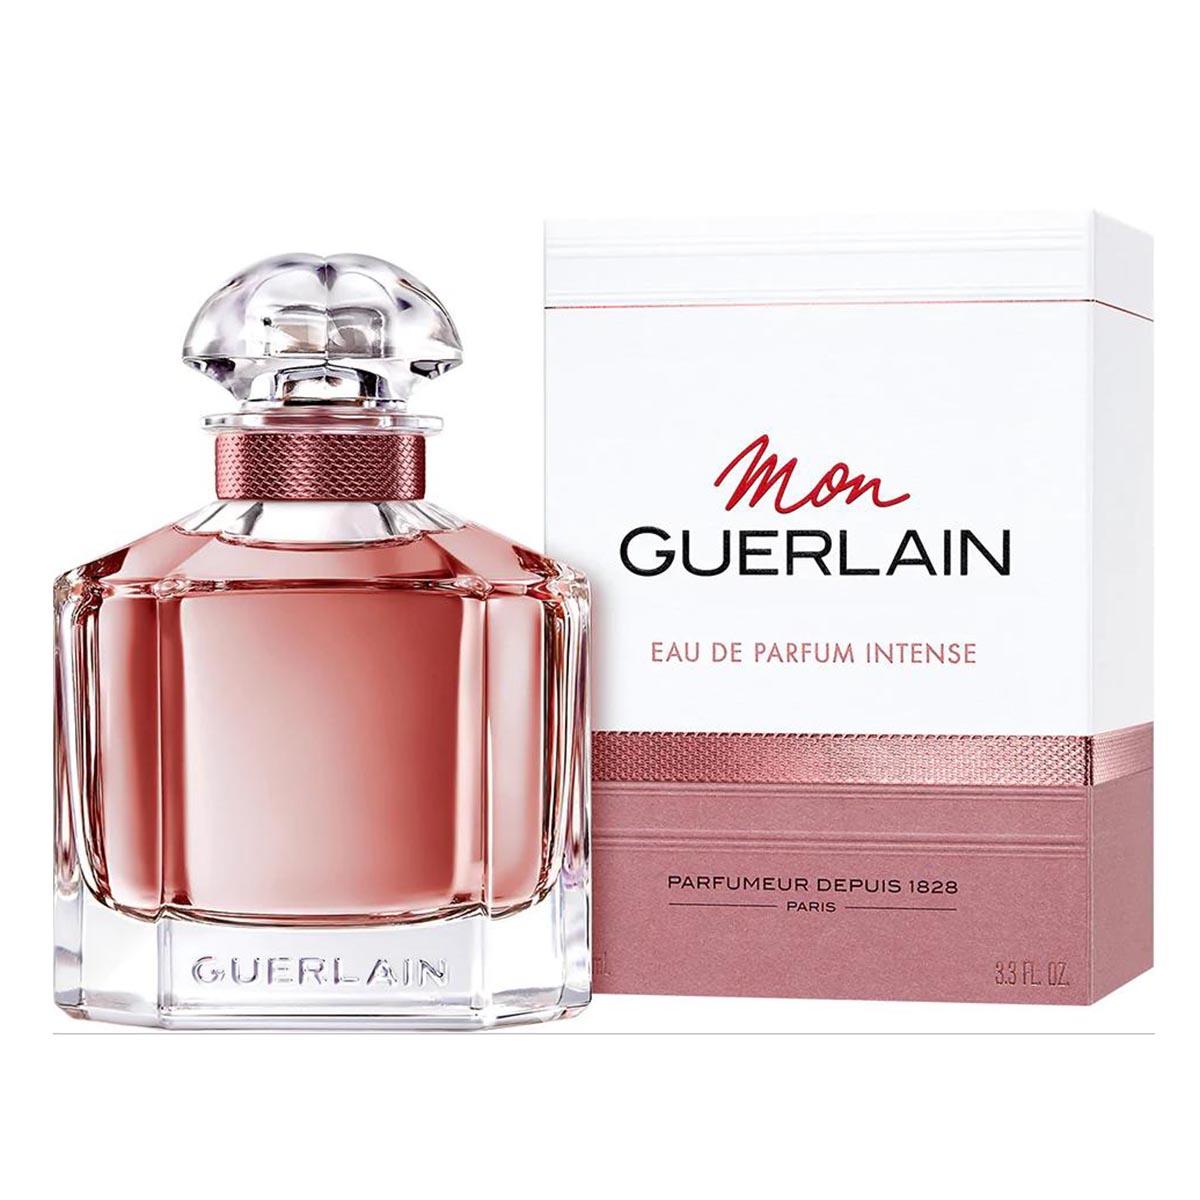 Guerlain mon eau de parfum intense 100ml vaporizador